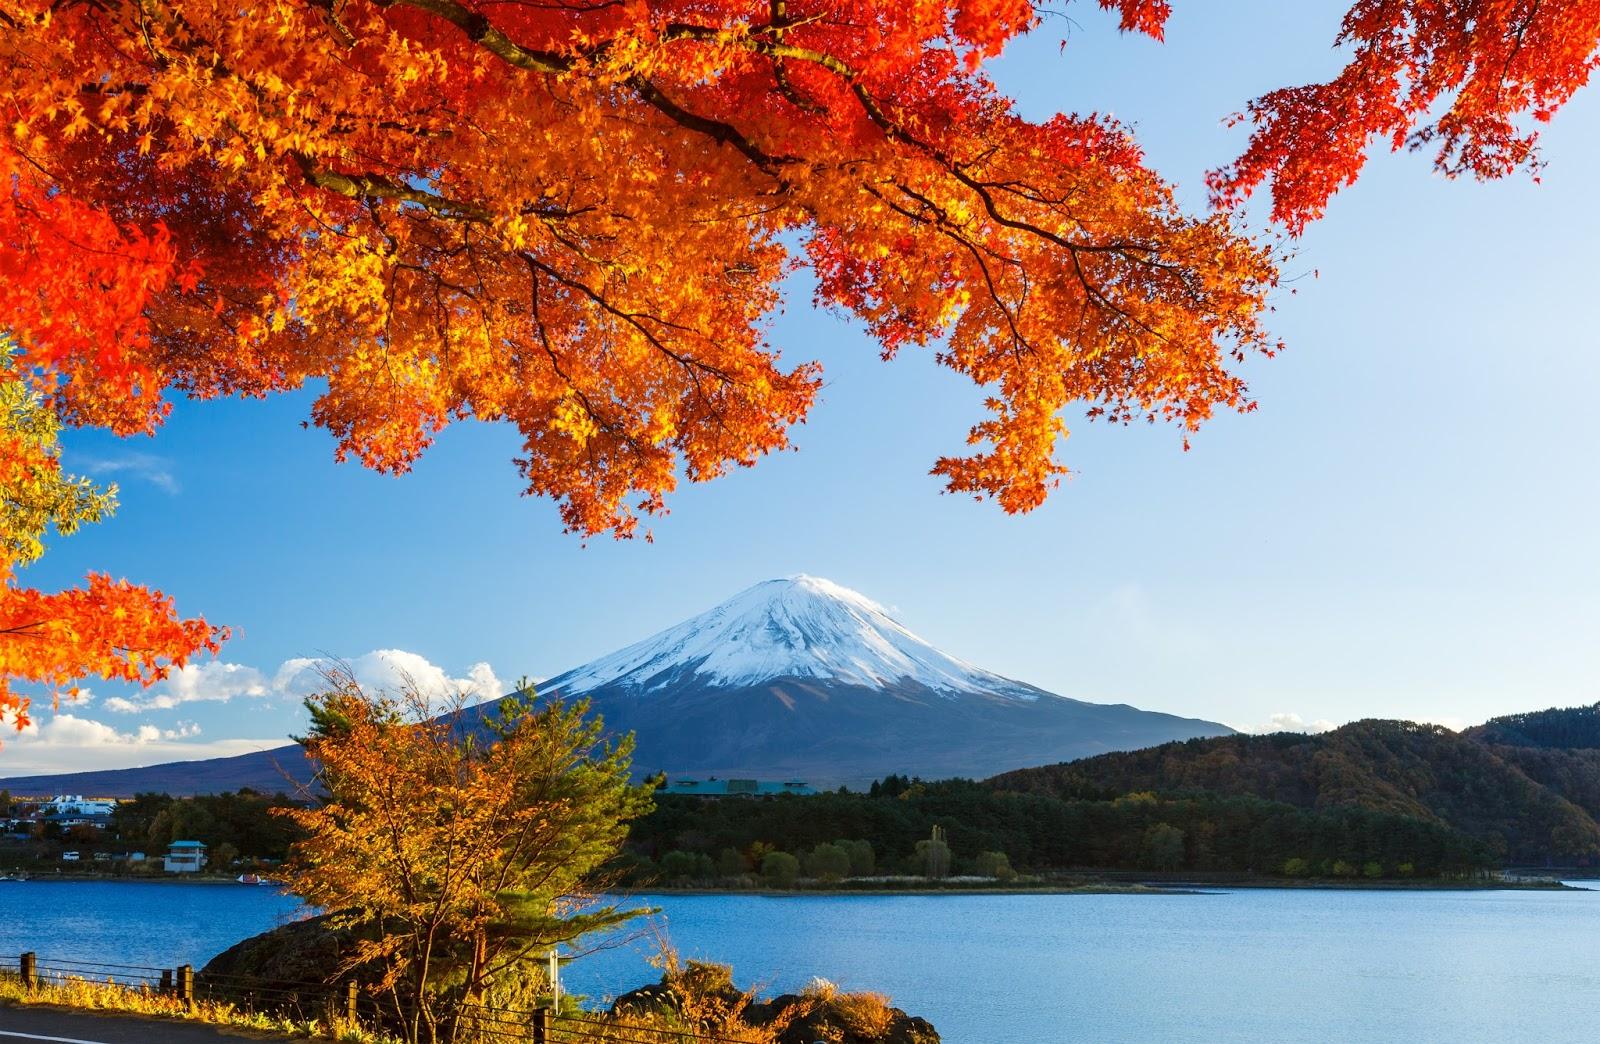 обои на рабочий стол осень япония 15323